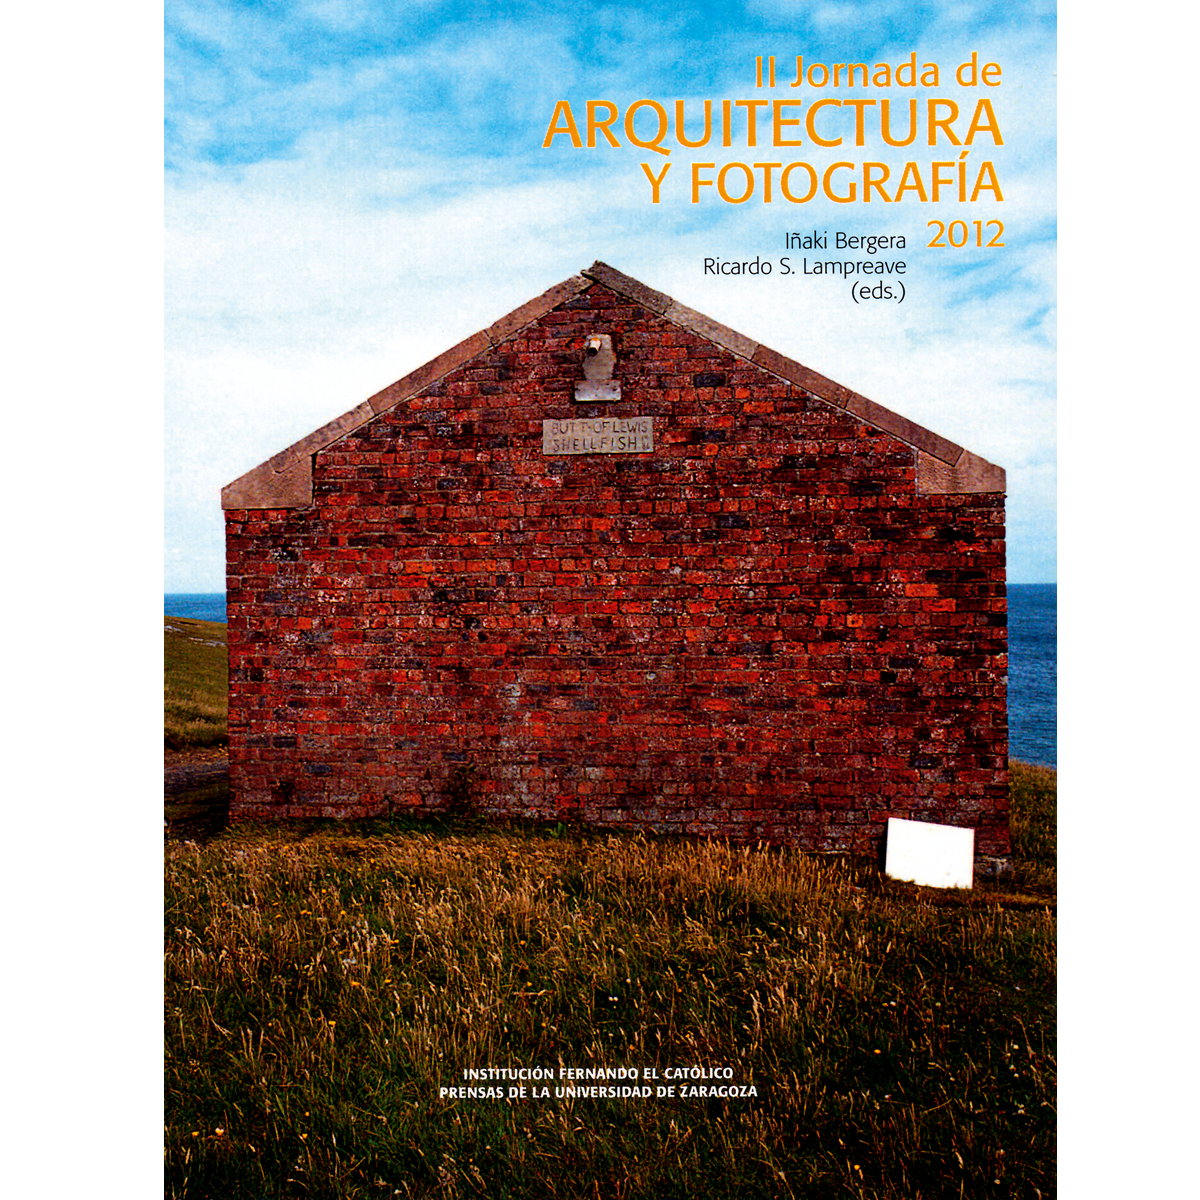 Arquitectura y fotografía